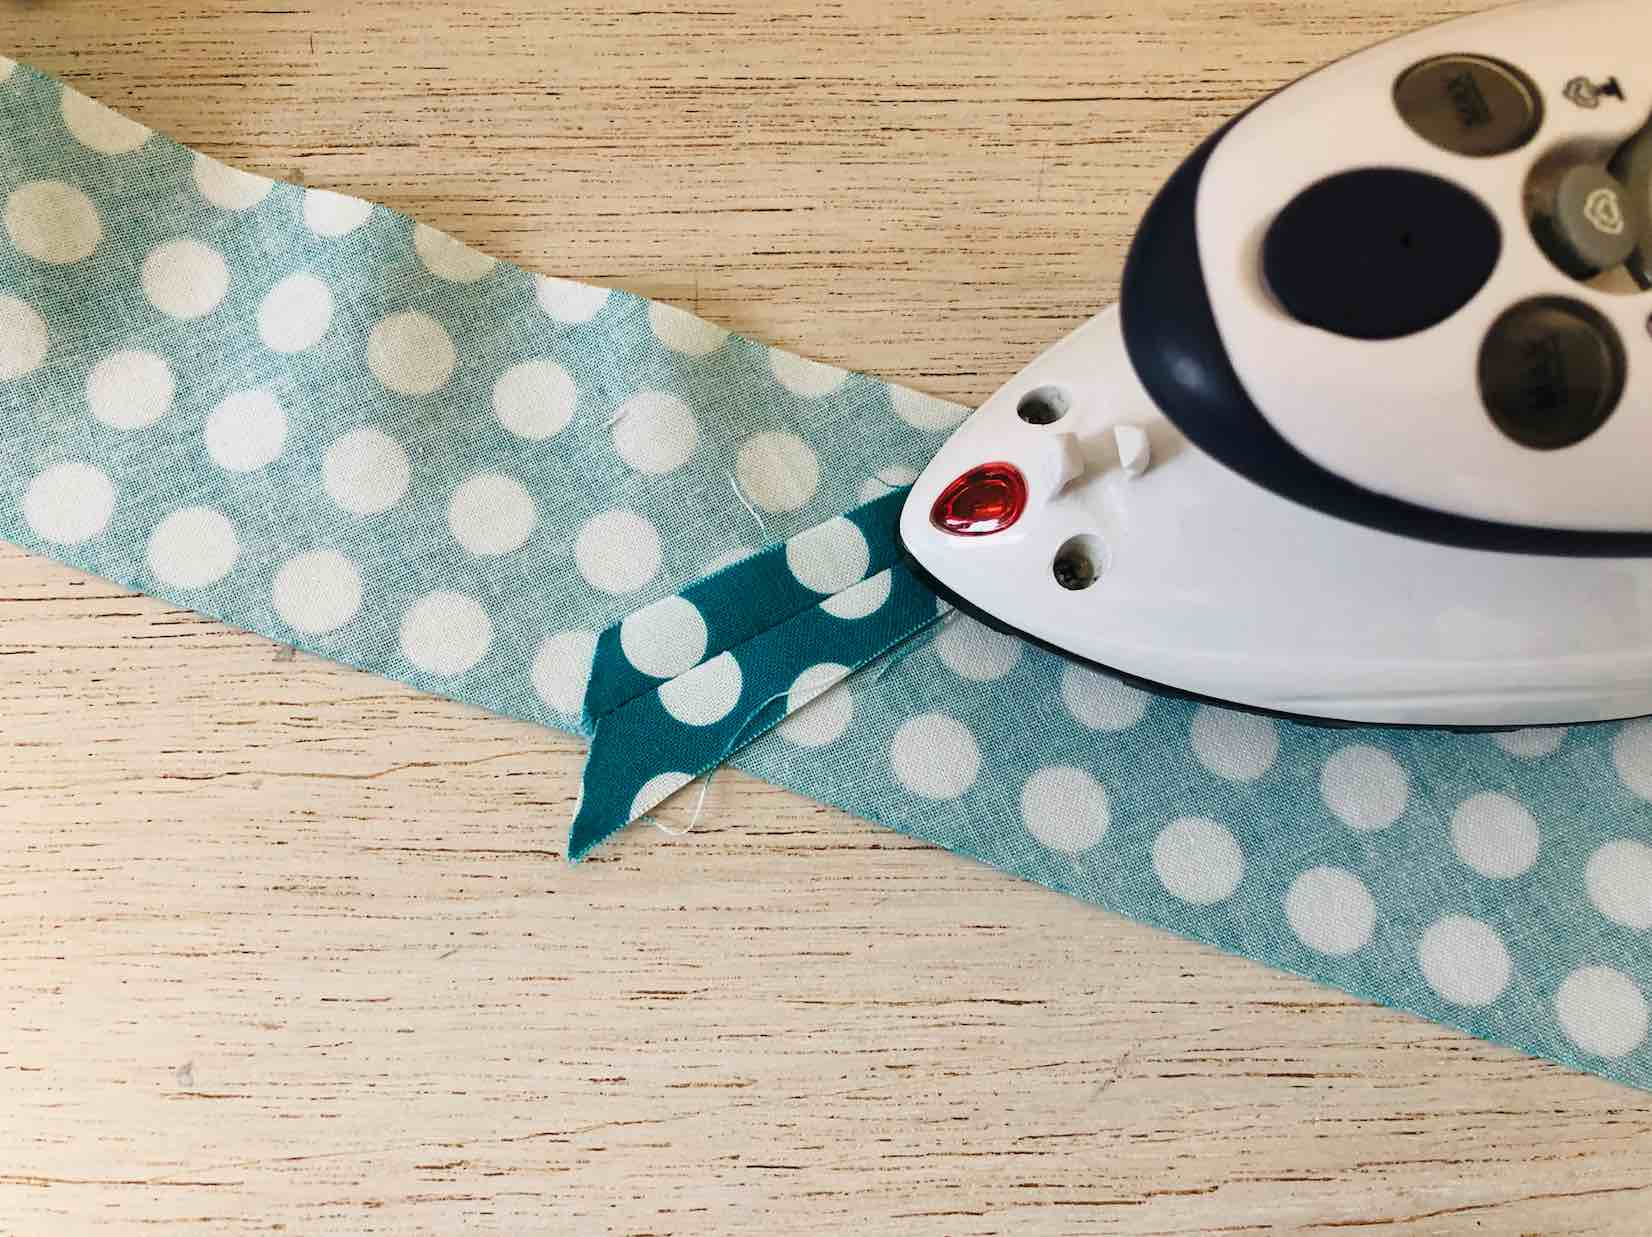 stirate i punti di cucitura del tessuto che andrà a coprire i cordoni